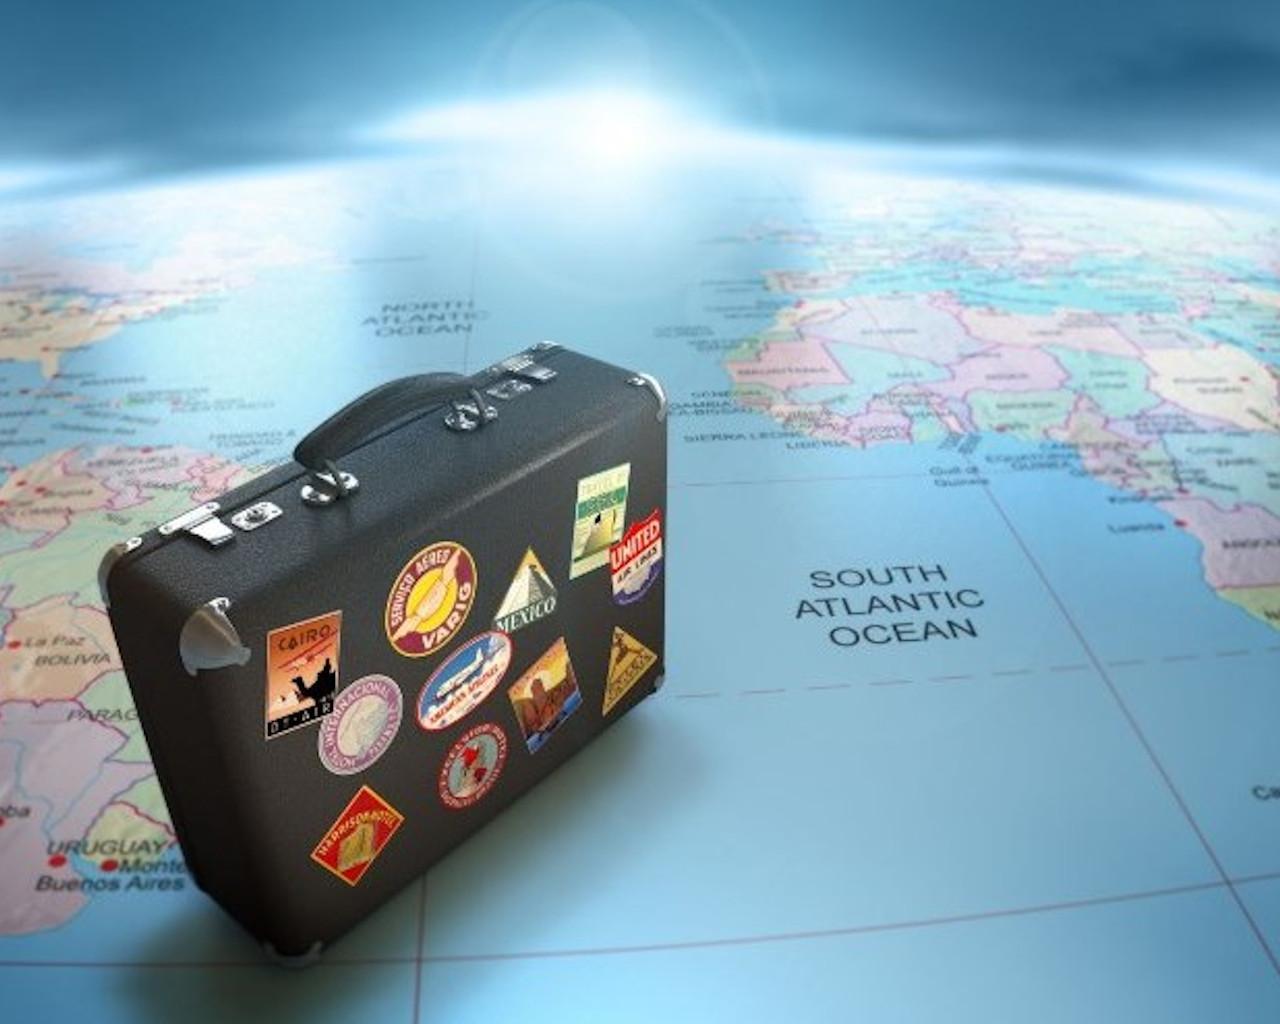 ταξιδια,ταξιδια ελλαδα,ταξιδια γαστρονομιασ στη γαλλια,ταξιδιαρα ψυχη στιχοι,ταξιδιαρα ψυχη,ταξιδιαρα ψυχη κιθαρα,ταξιδια quotes,ταξιδια στο εξωτερικο,ταξιδια προσφορεσ